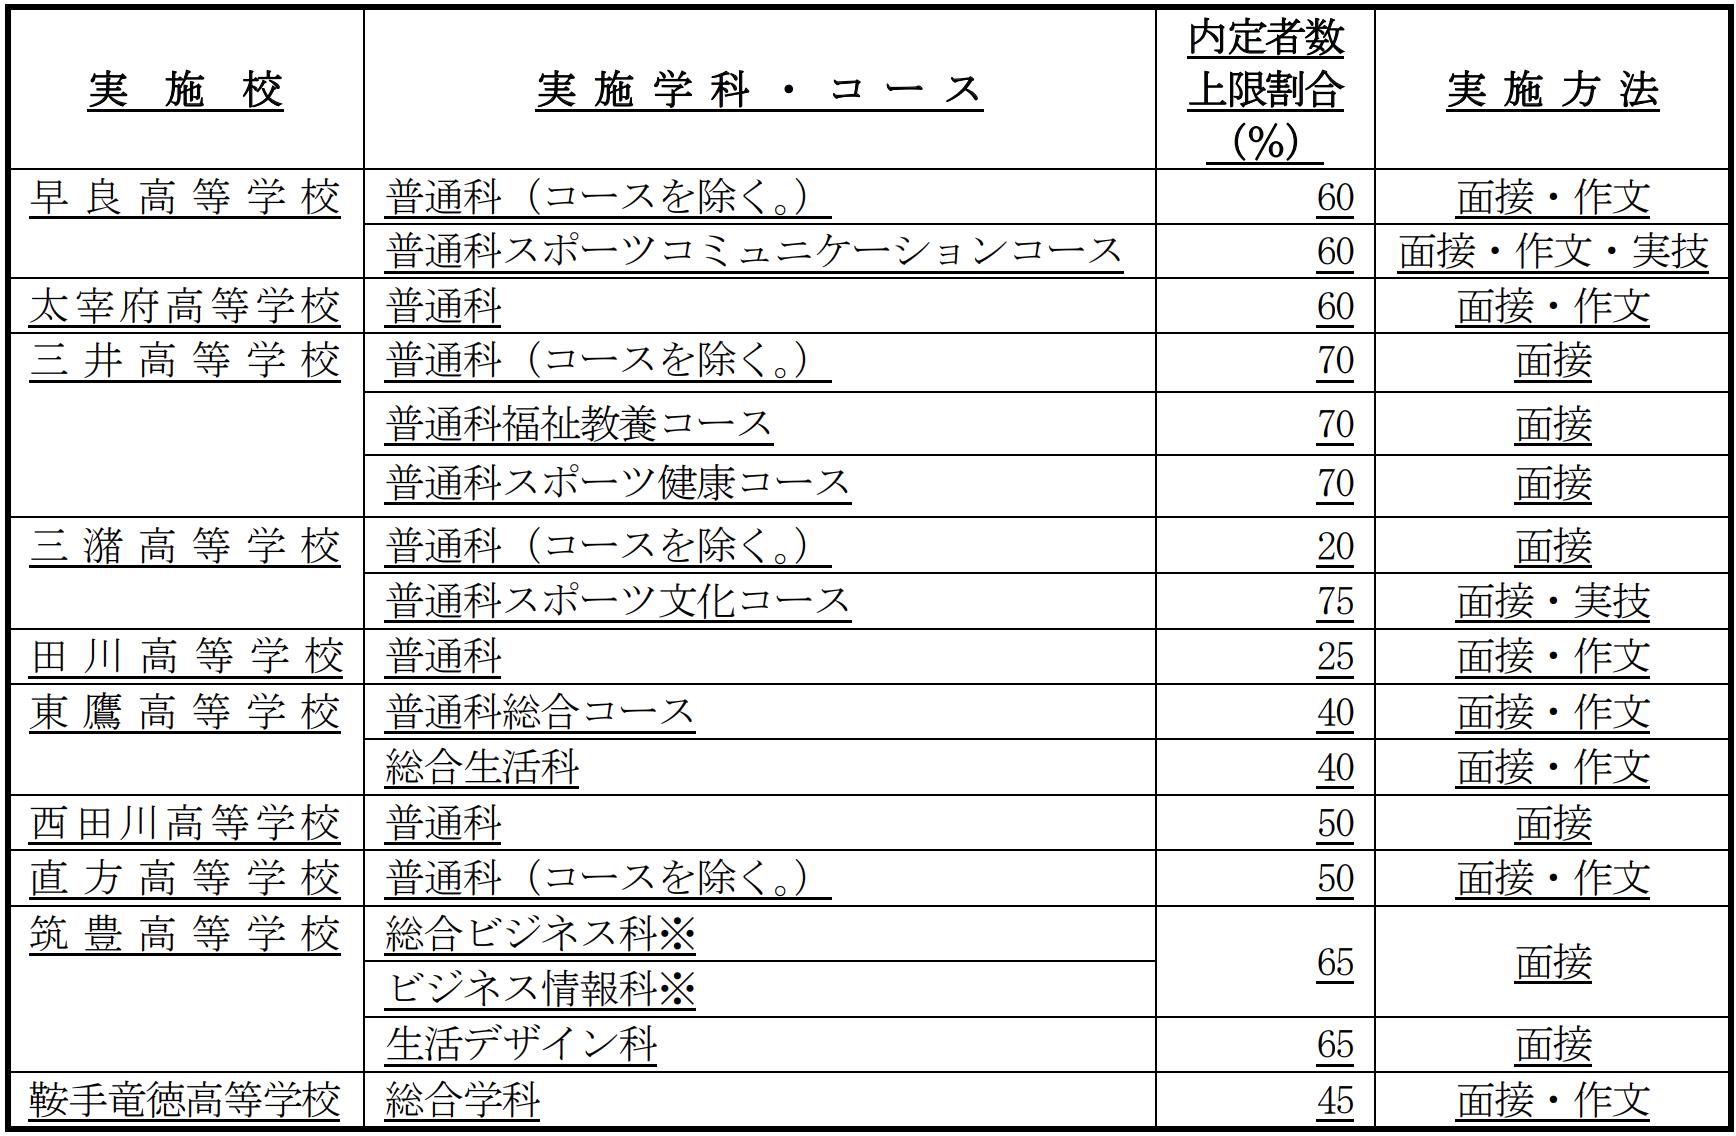 福岡県公立高校入試、特色化選抜を実施している高校